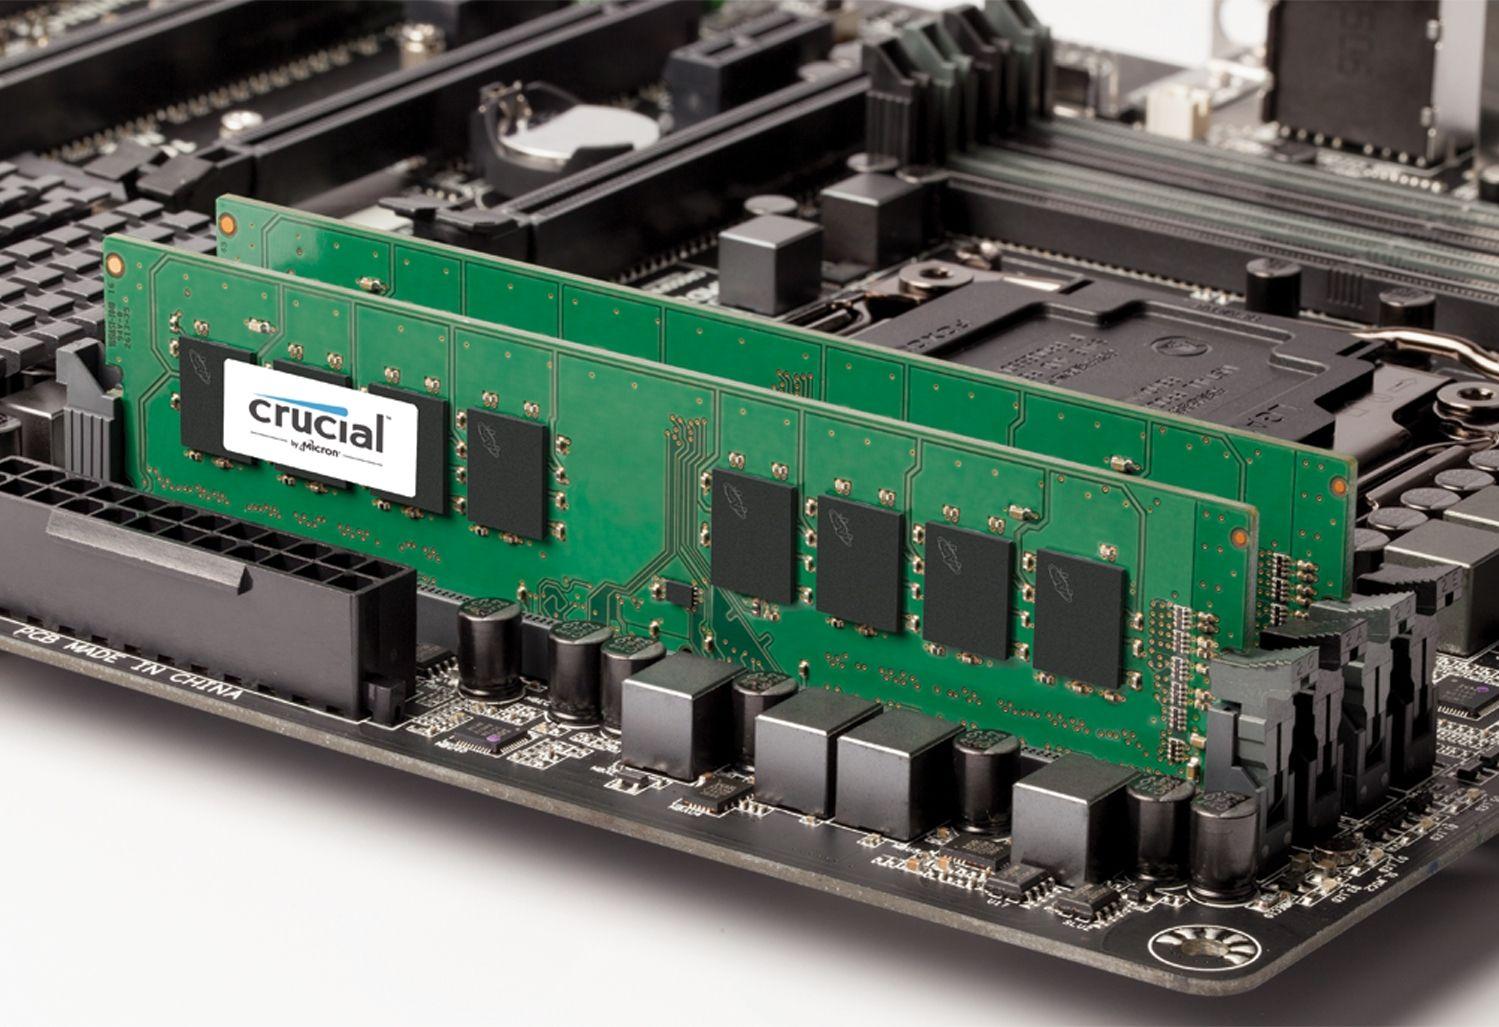 Dos módulos de memoria RAM de Crucial colocados en una placa base